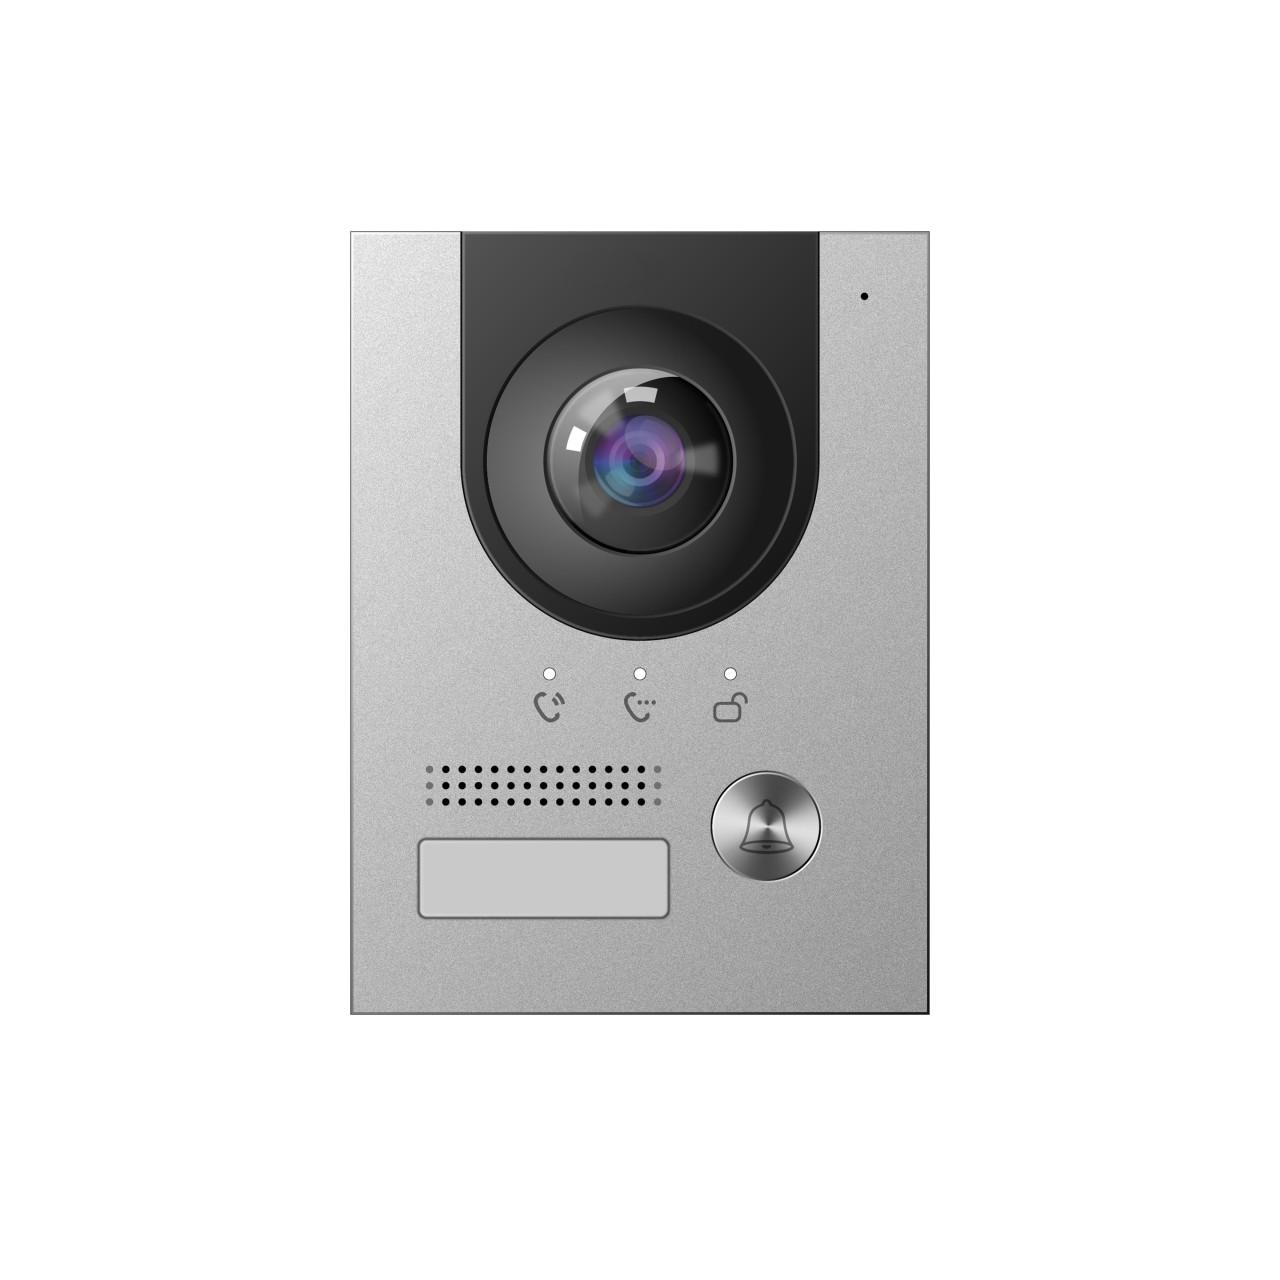 TURM IP Video Türsprechanlage Außenstation PoE oder 2-Draht-BUS mit 2 Megapixel und 160° Blickwinkel